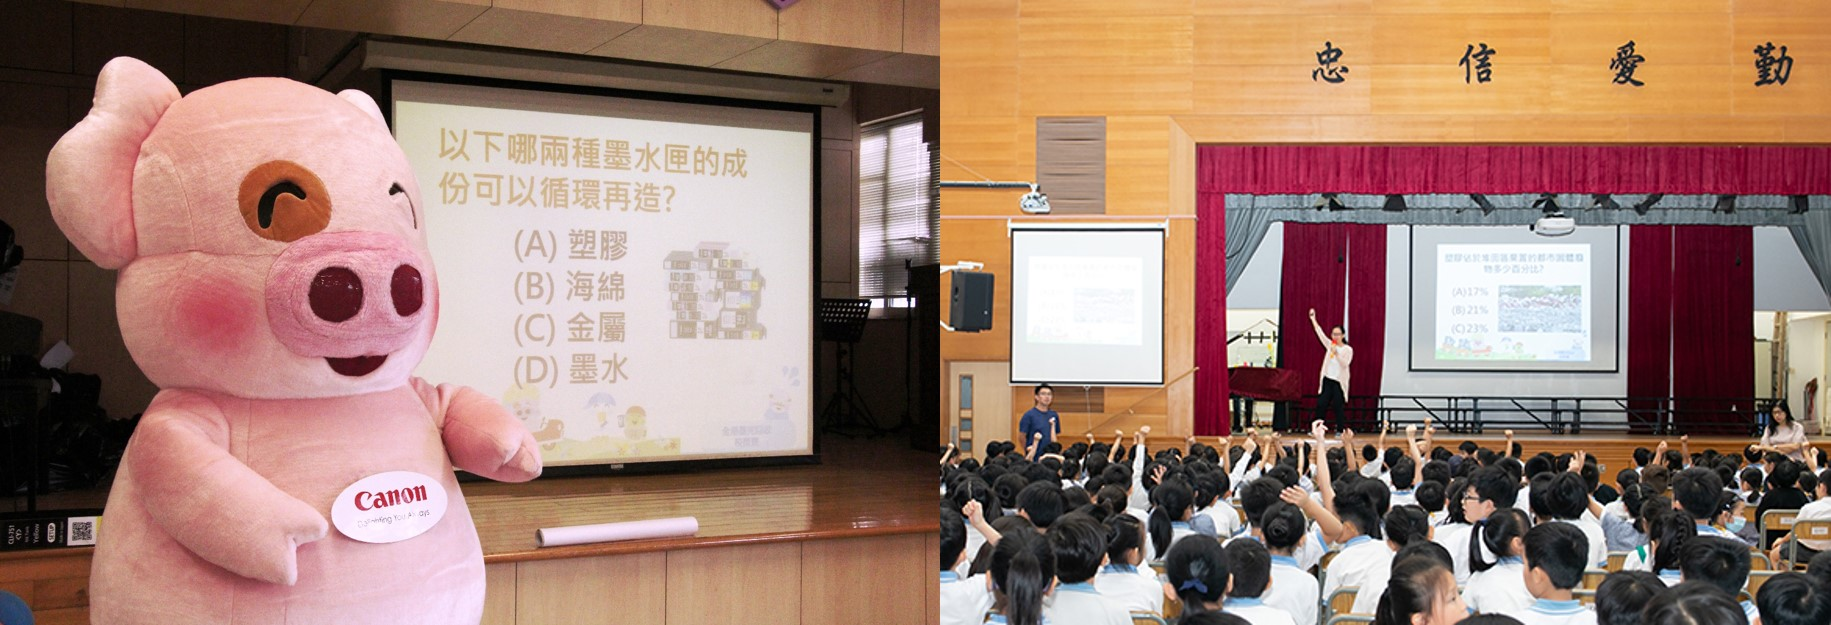 佳能香港關注環保教育 墨匣回收再造 商界學界齊支持